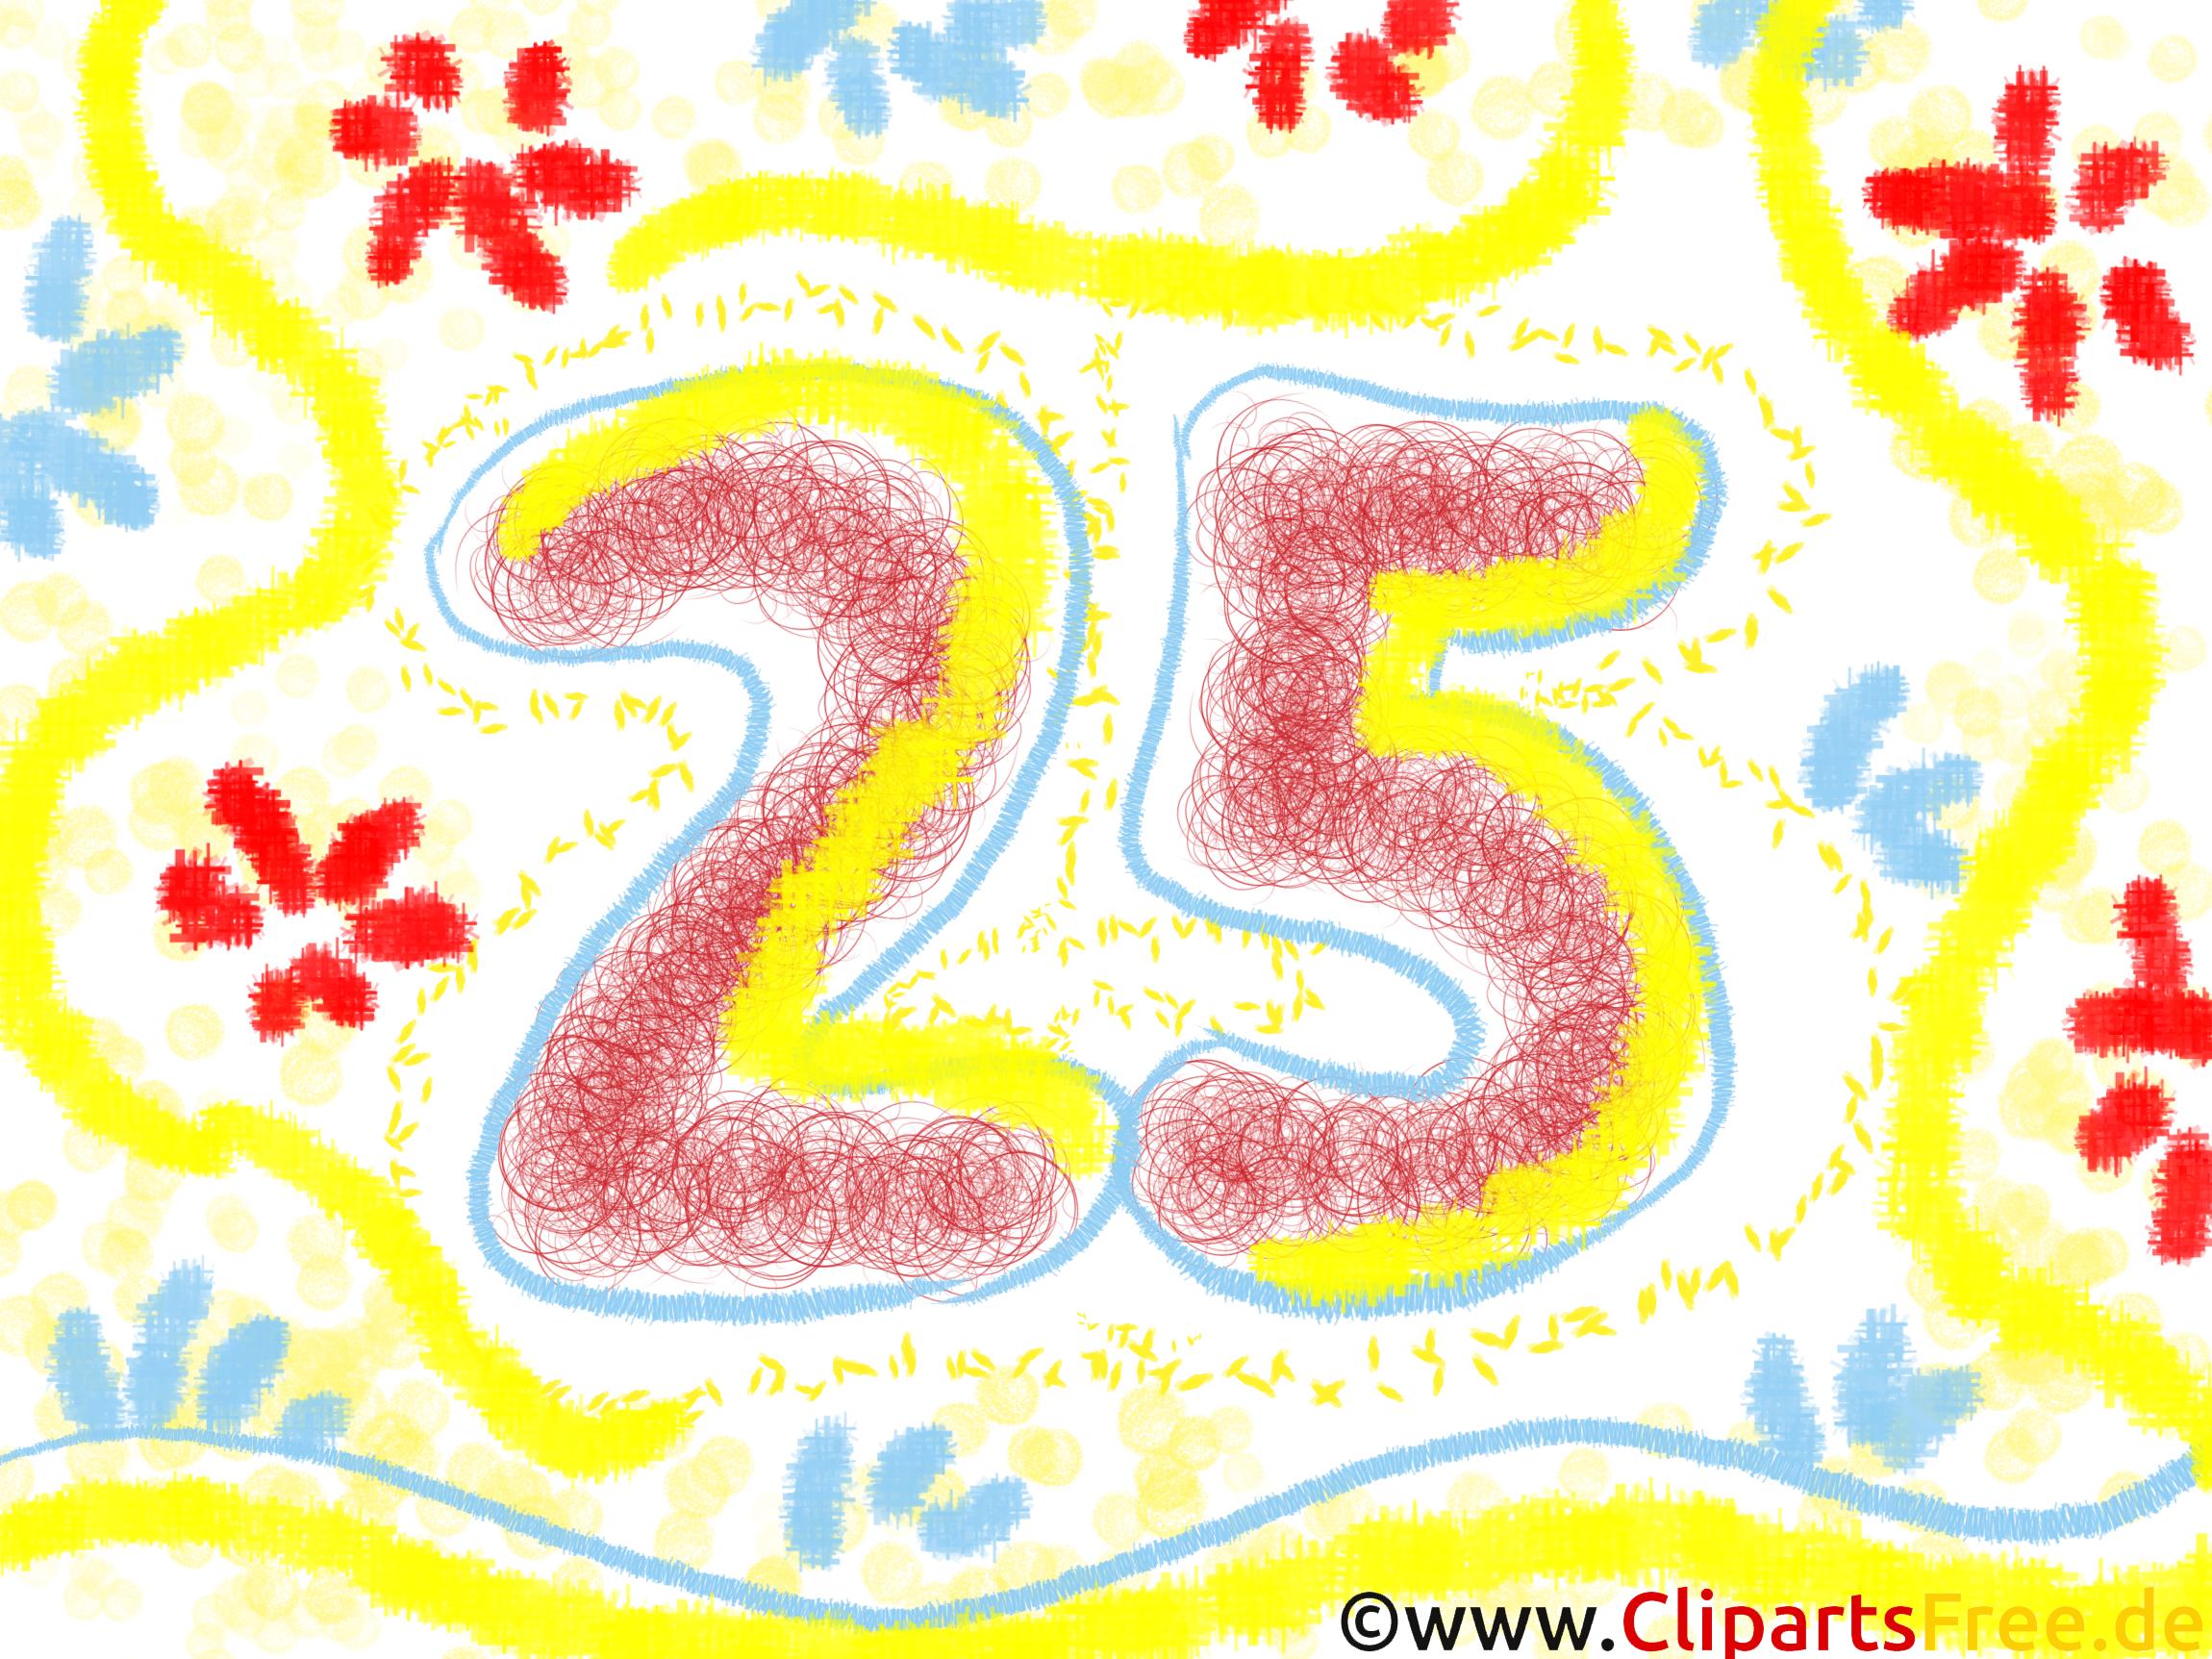 Geburtstagskarte 25 jahre clipart geburtstag bild grafik - Geburtstagskarte 25 geburtstag ...